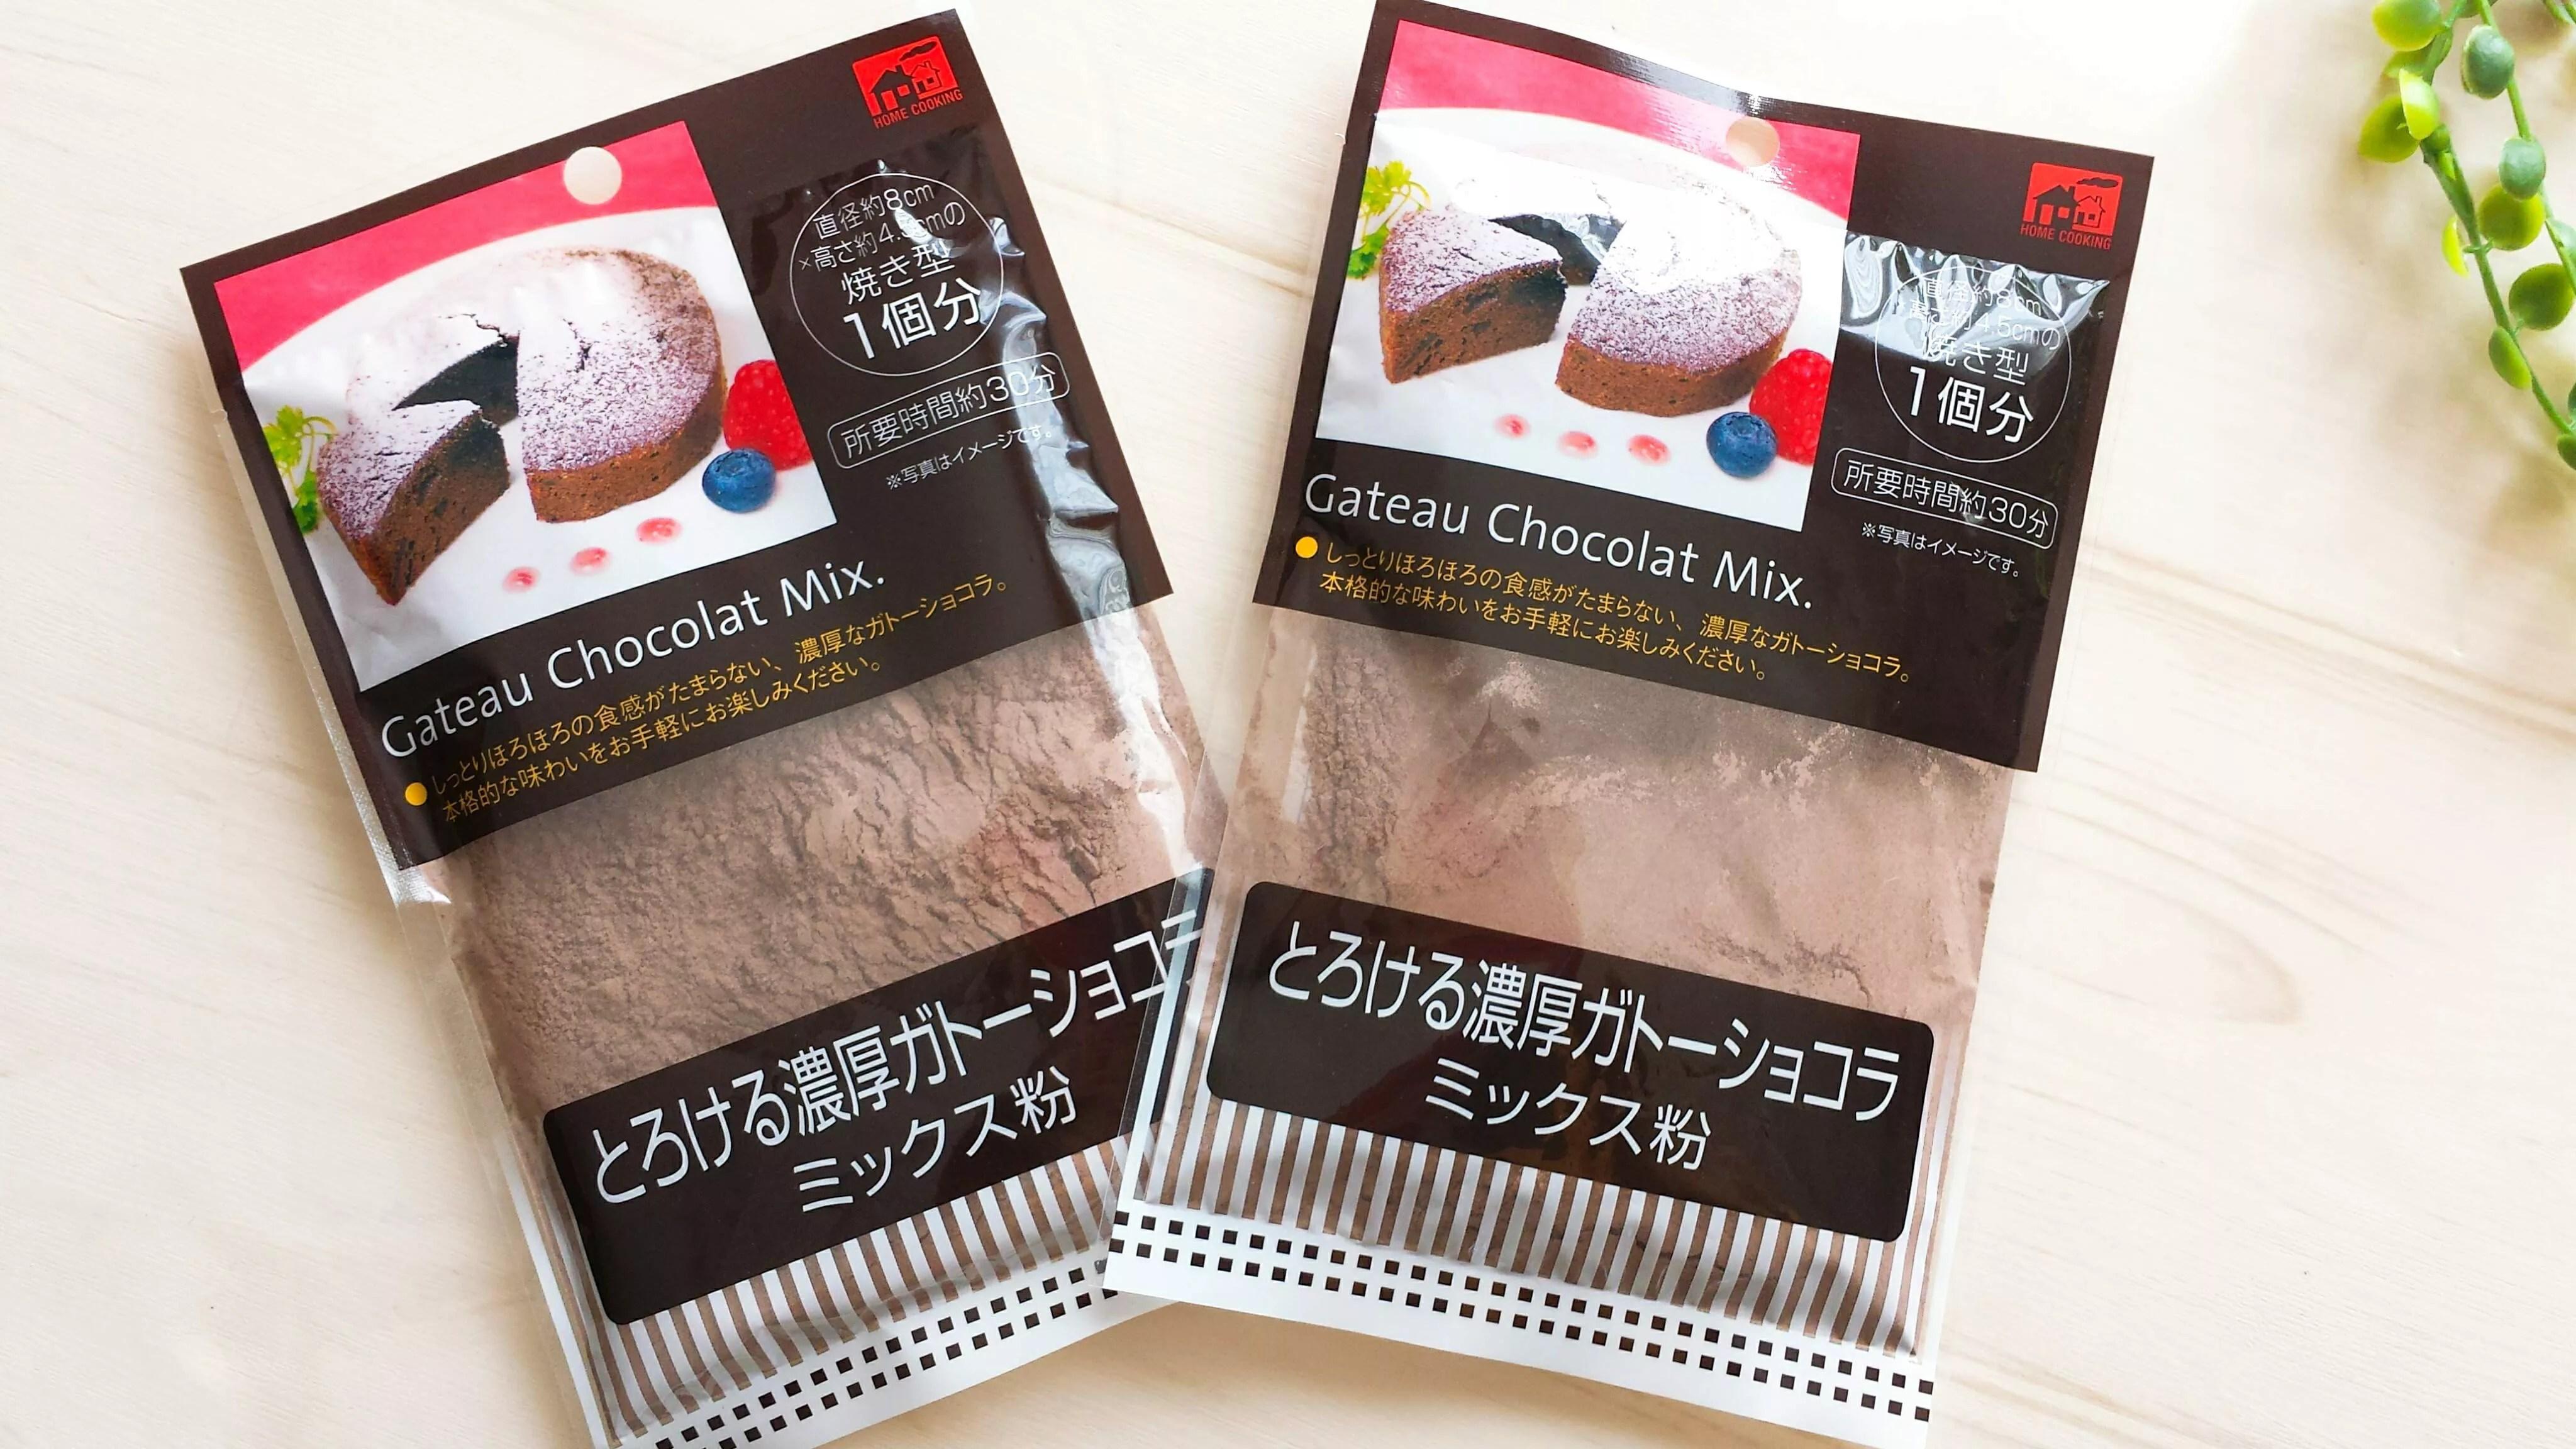 セリア とろける濃厚ガトーショコラミックス粉